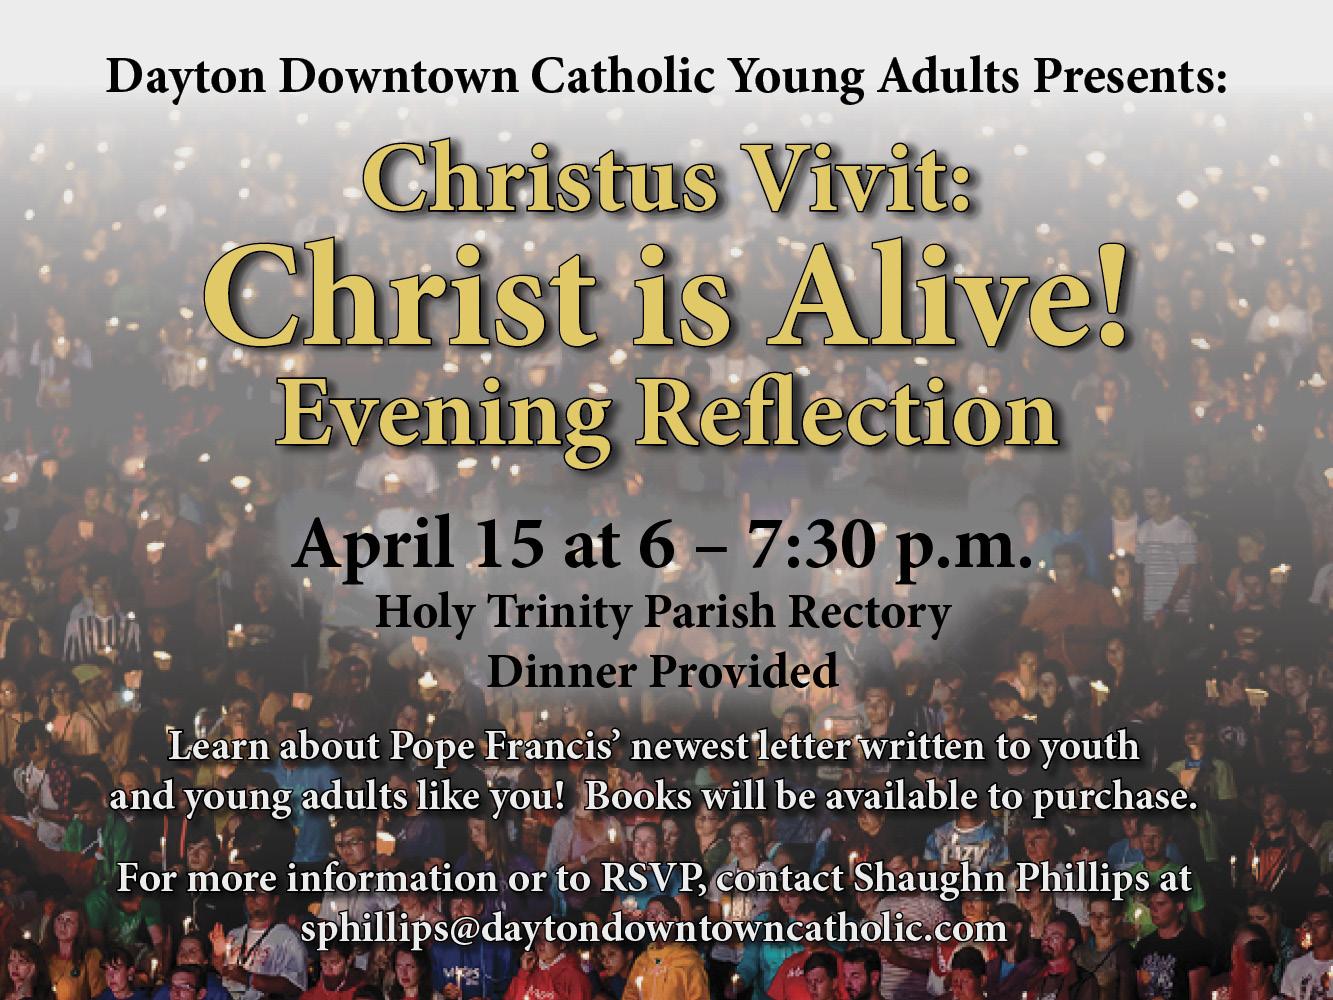 Christus Vivit Christ is Alive